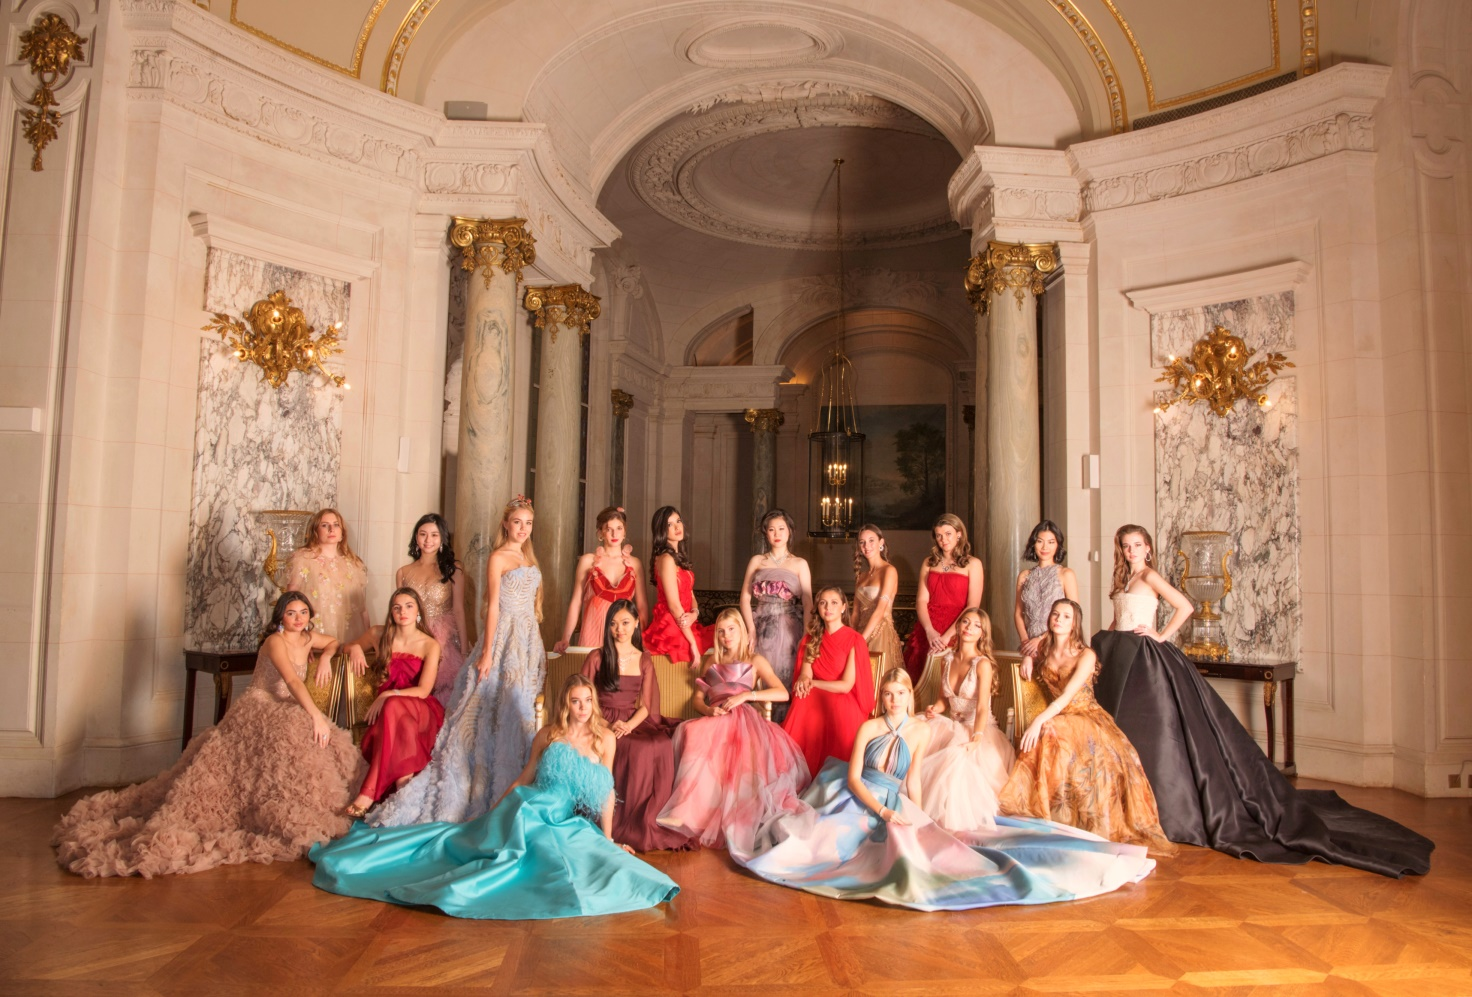 第25届巴黎名媛舞会成功揭幕于巴黎香格里拉酒店